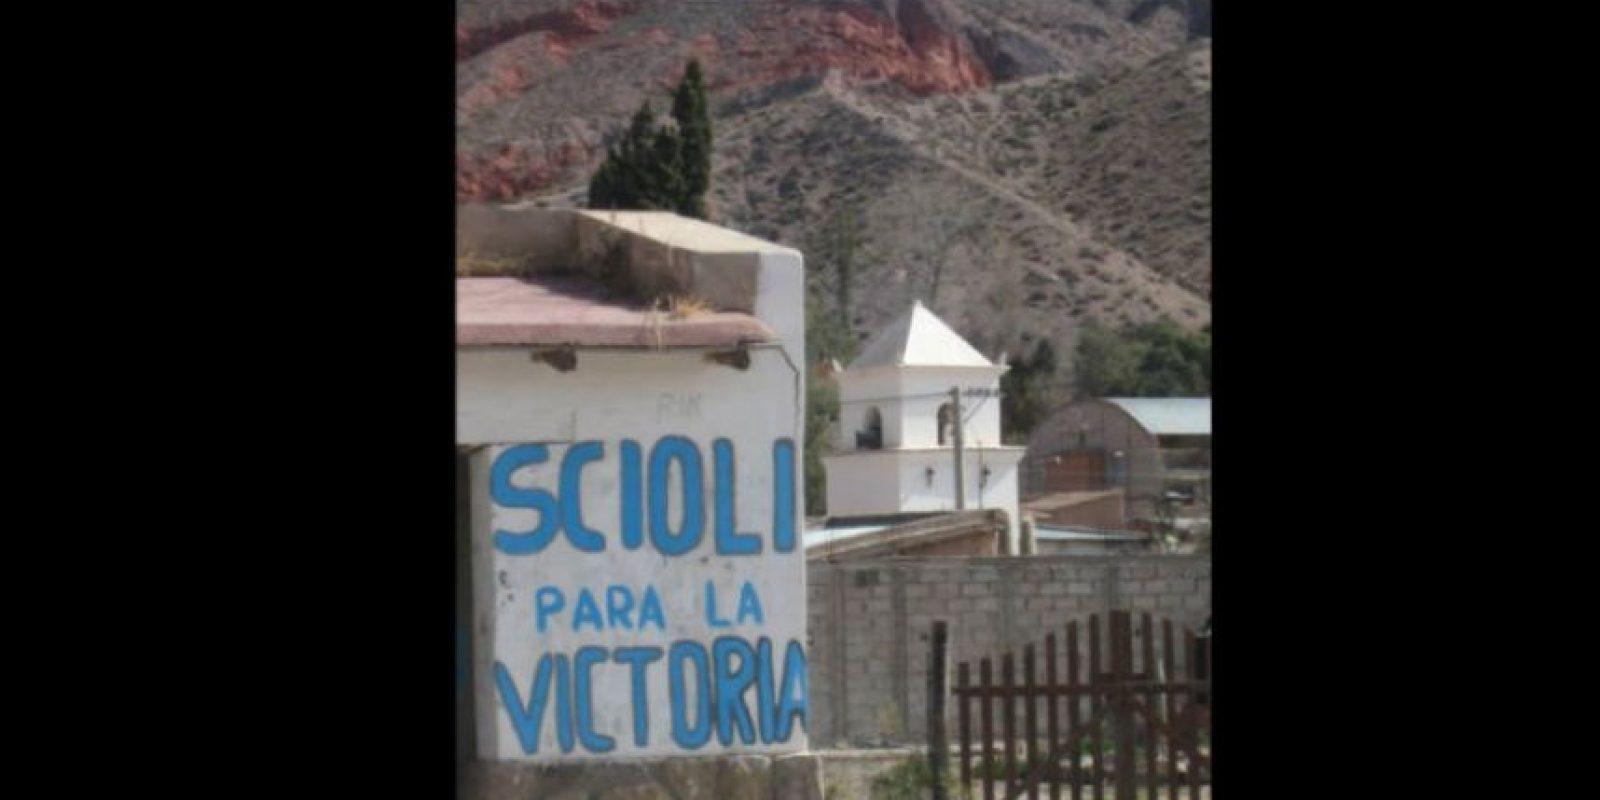 Las pinturas son de una campaña a la presidencia en Argentina. Foto:Vía facebook.com/Viltipoco10000